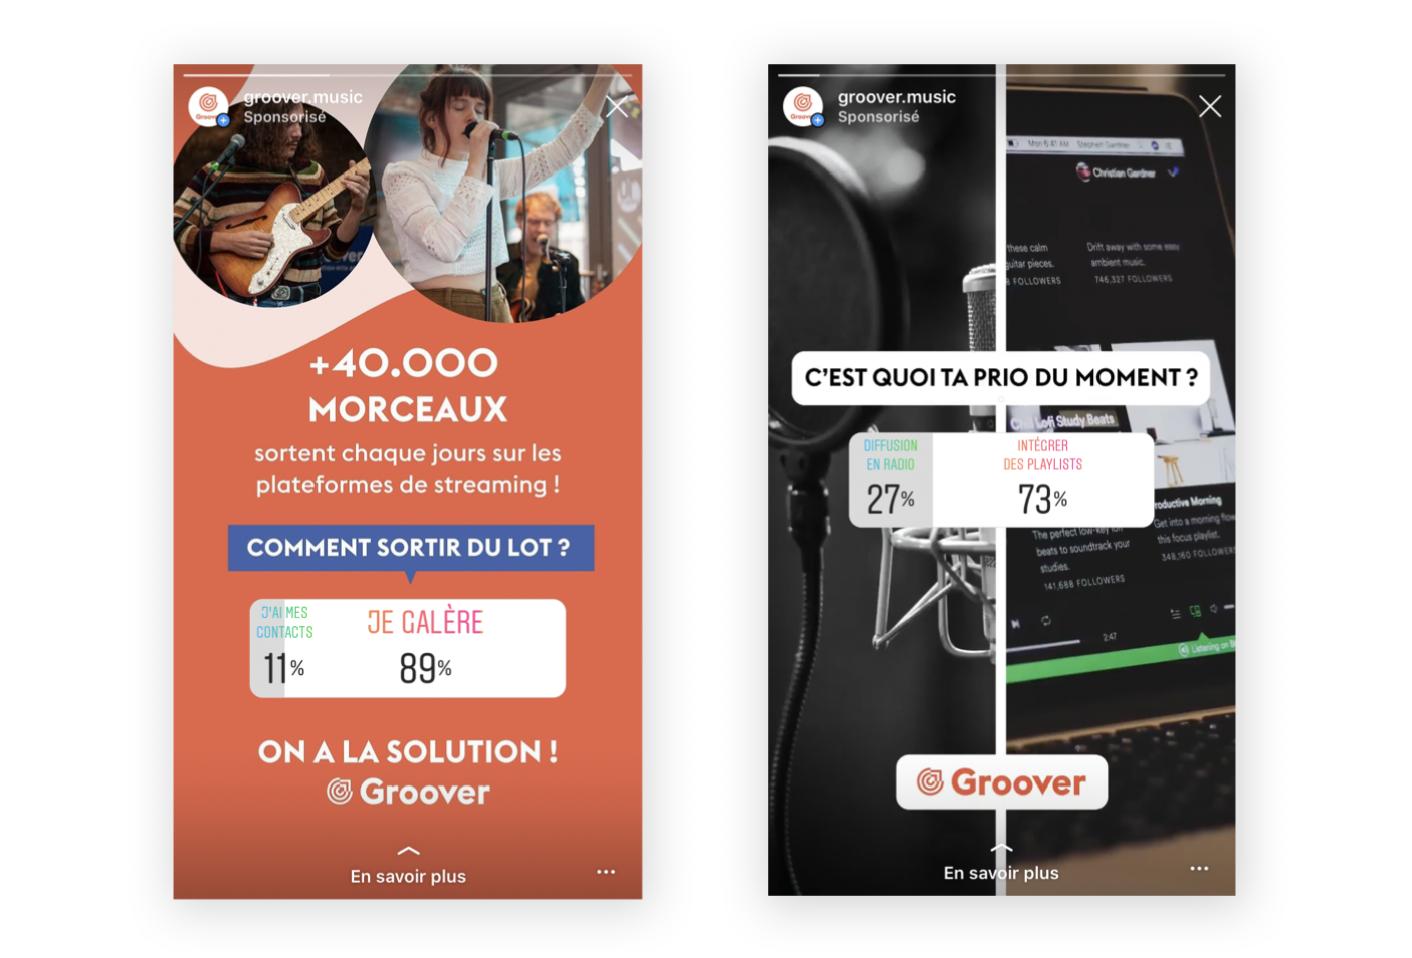 Exemple des publicités sondages de Groover